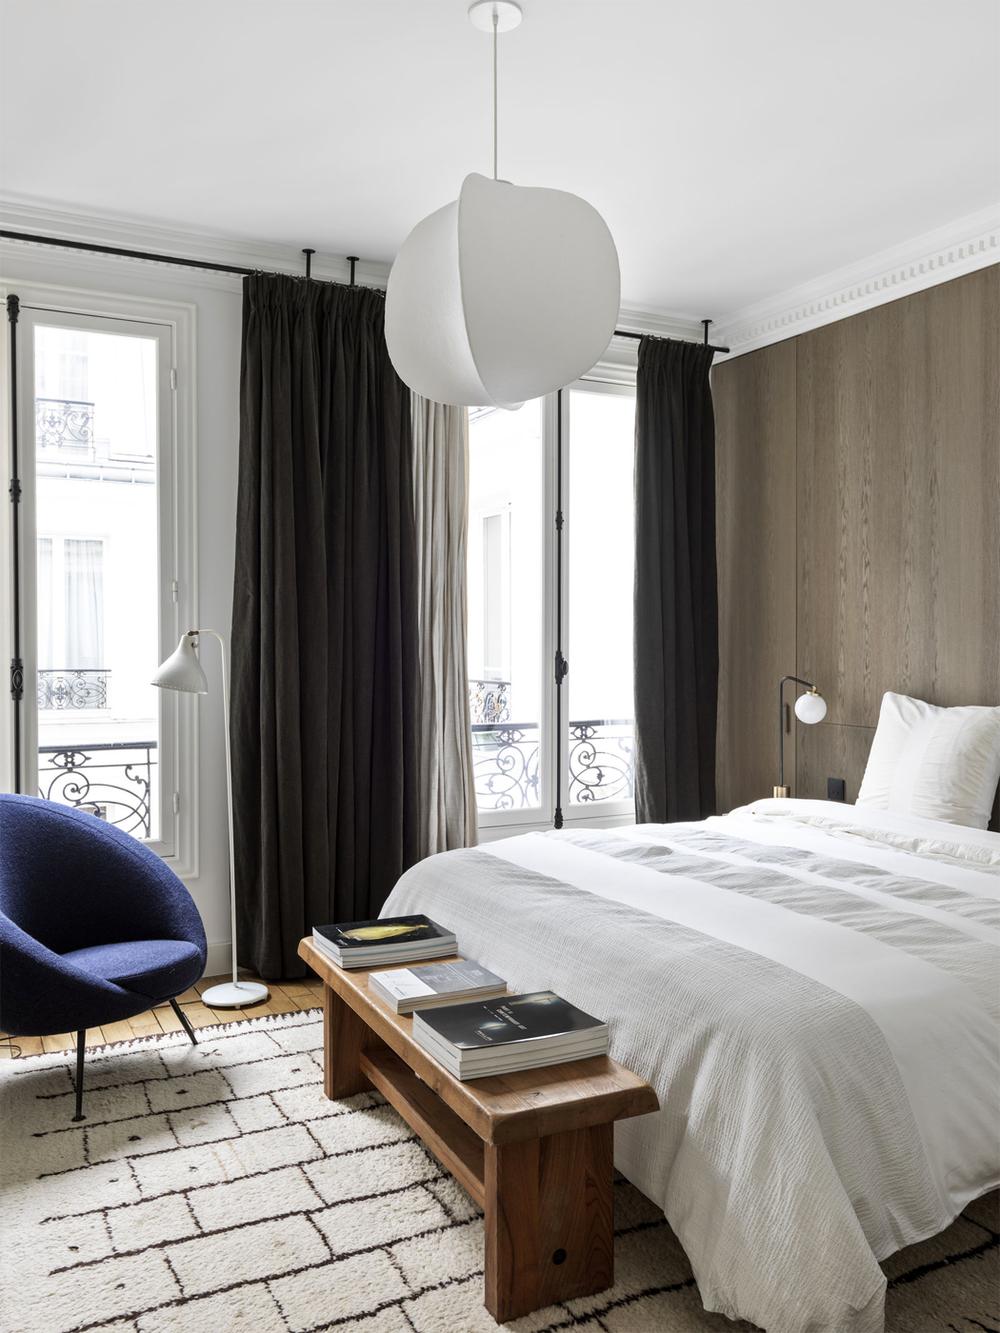 jr-apartement-by-Nicolas-Schuybroek.-7.png